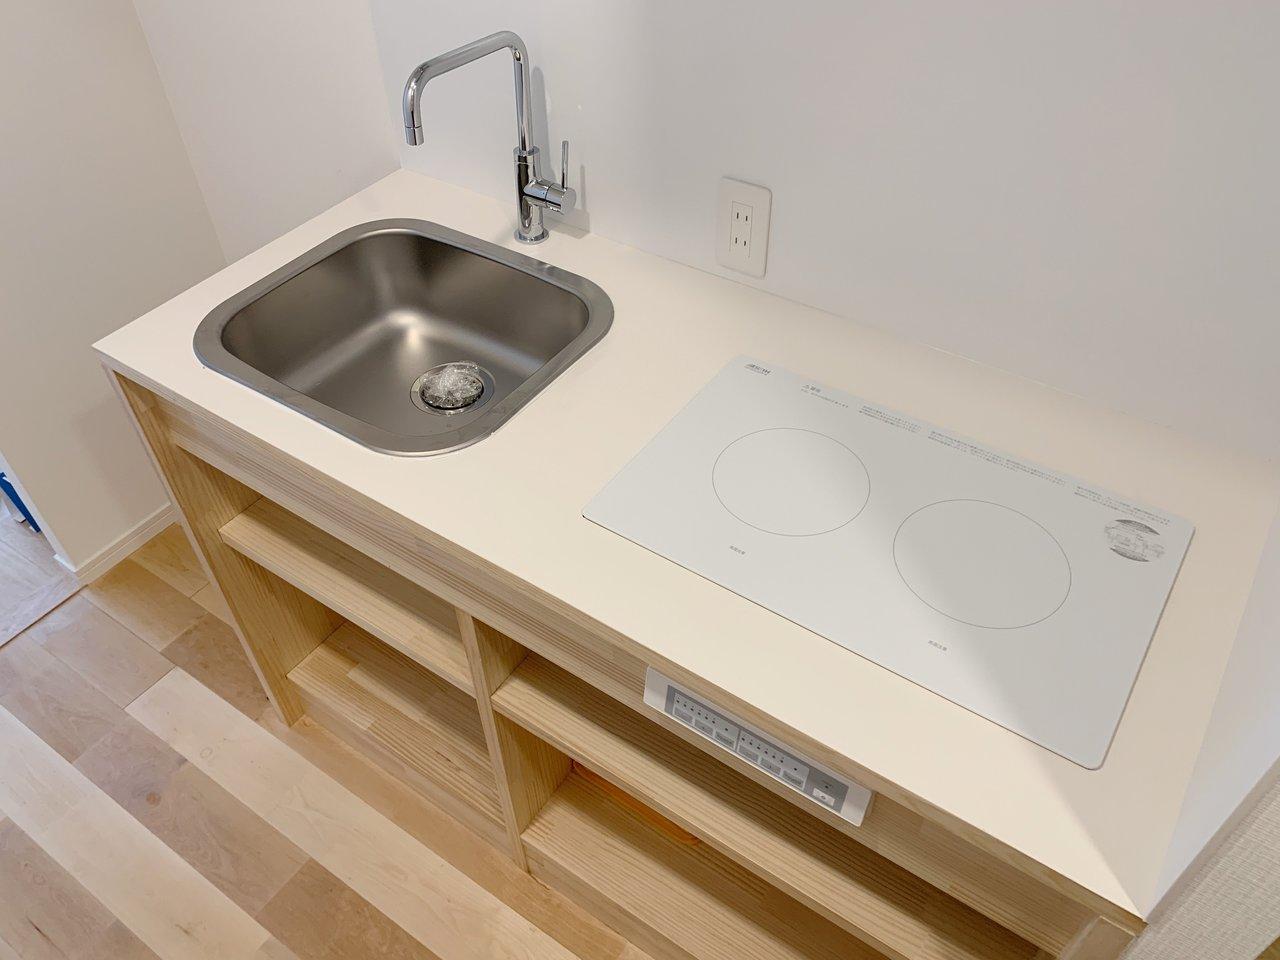 キッチンはシンプルながら、収納スペースと2口コンロもついています。お部屋の雰囲気にもぴったり合っているので、自炊をするのが楽しくなりそうです。